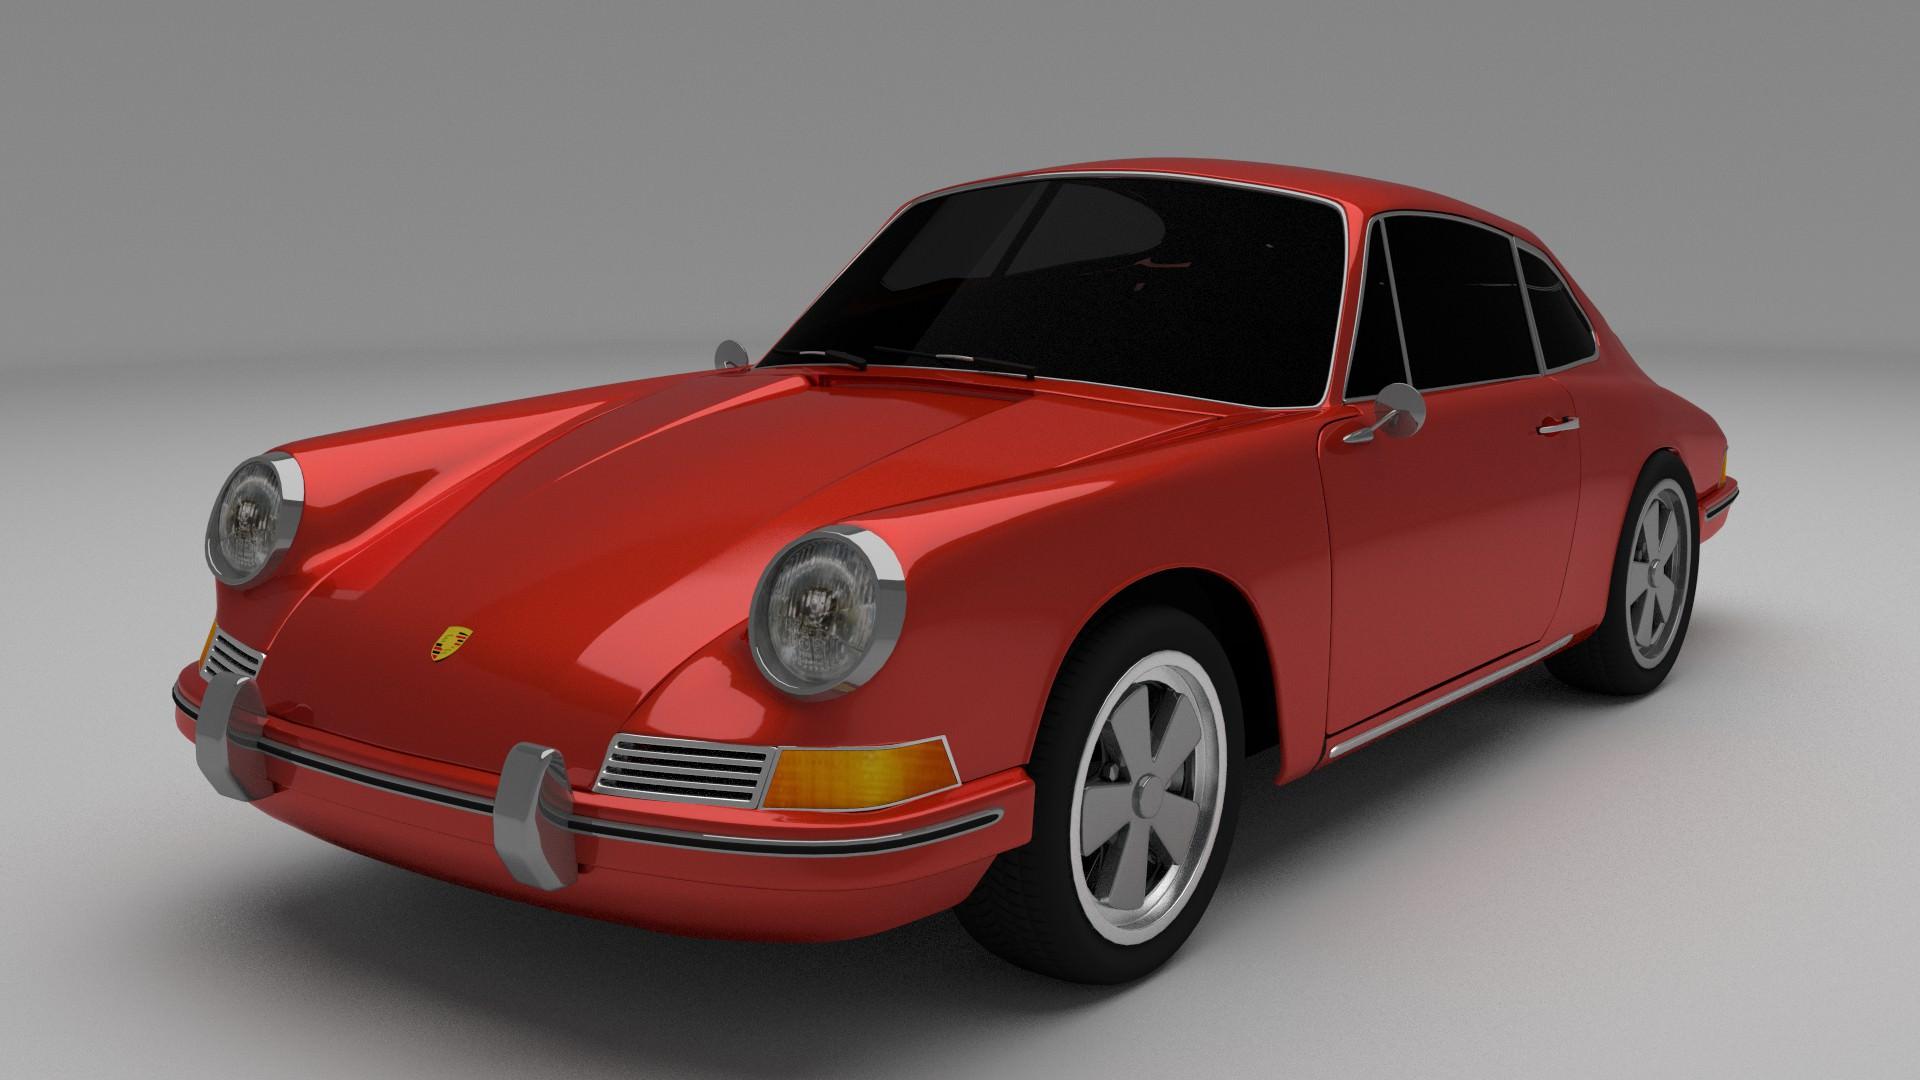 Porsche Classic Collection 3d Model Obj Stl Blend Dae